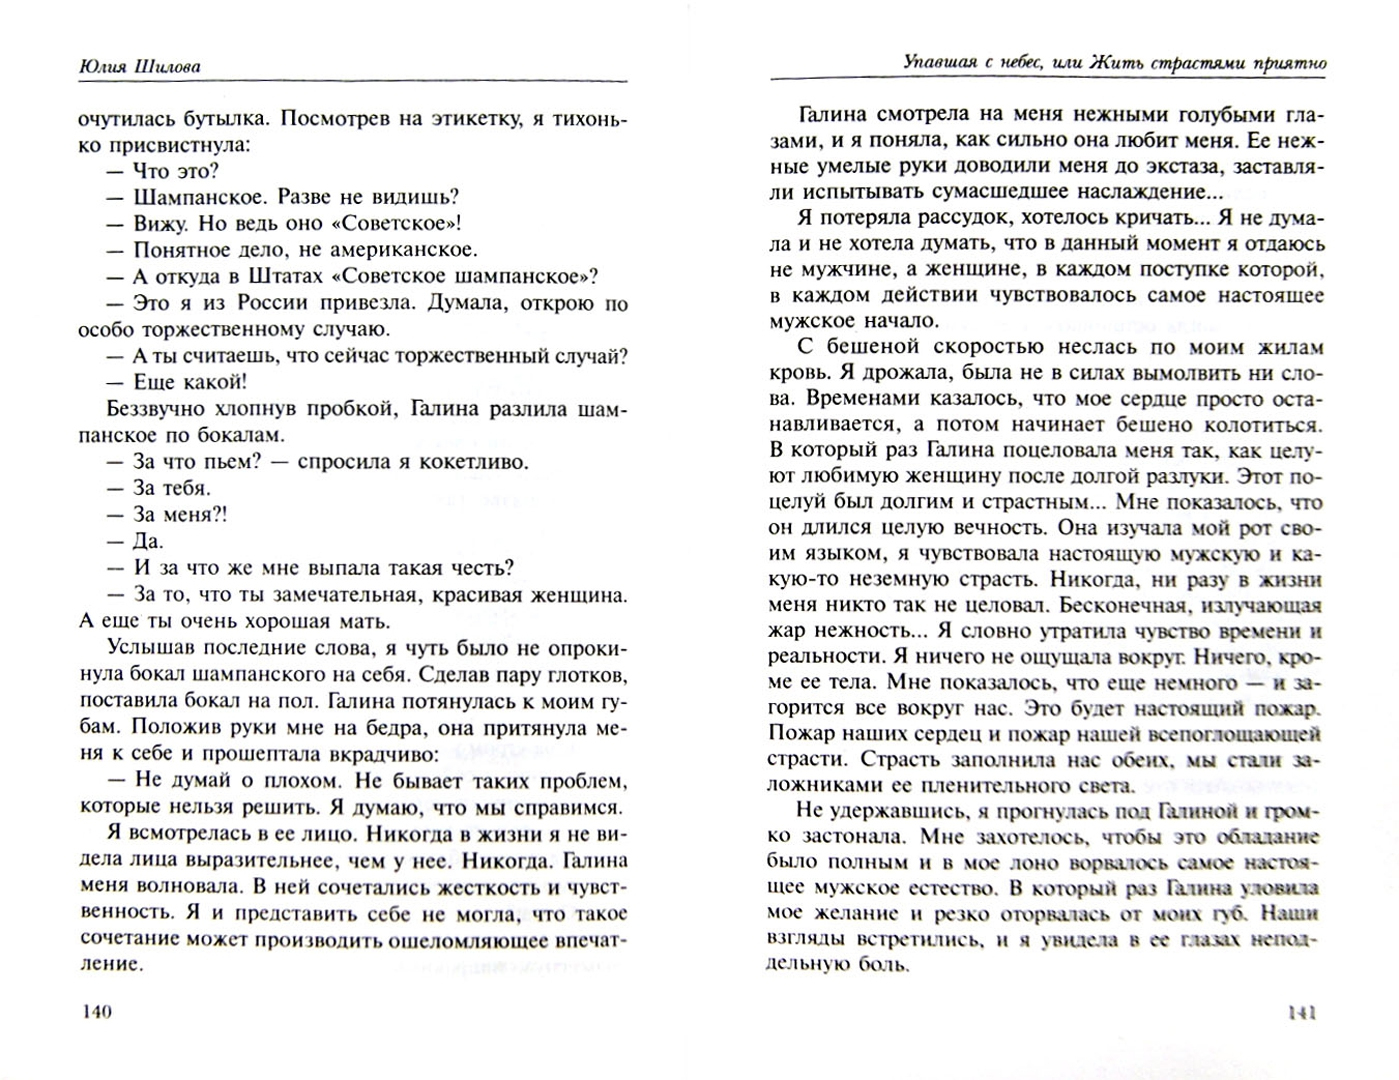 Иллюстрация 1 из 8 для Упавшая с небес, или Жить страстями приятно - Юлия Шилова | Лабиринт - книги. Источник: Лабиринт